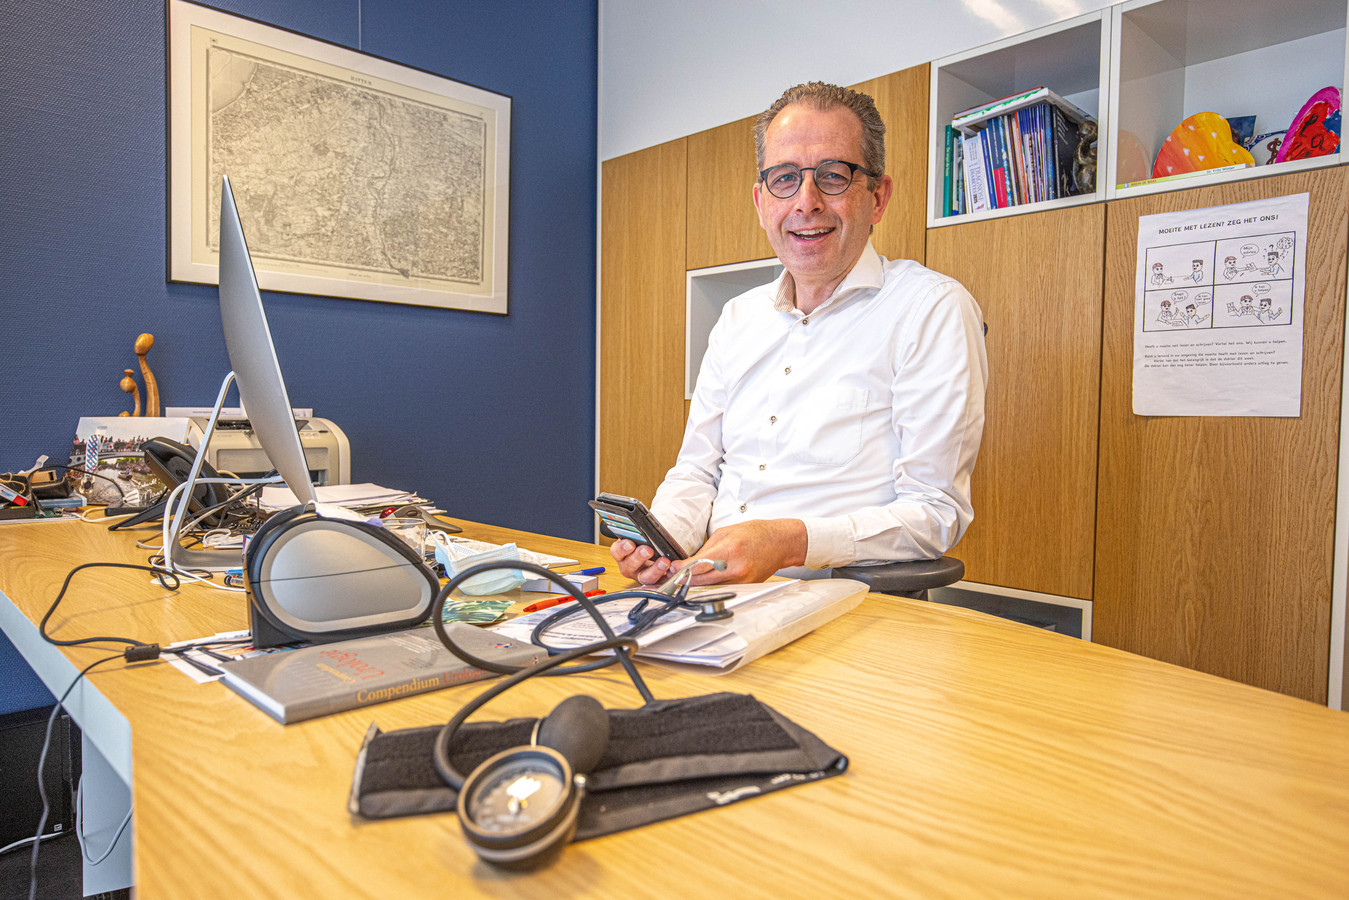 Huisarts Marco Blanker is blij dat het initiatief Prullenbakvaccin.nl, waar hij zich bij heeft aangesloten, zo populair is.